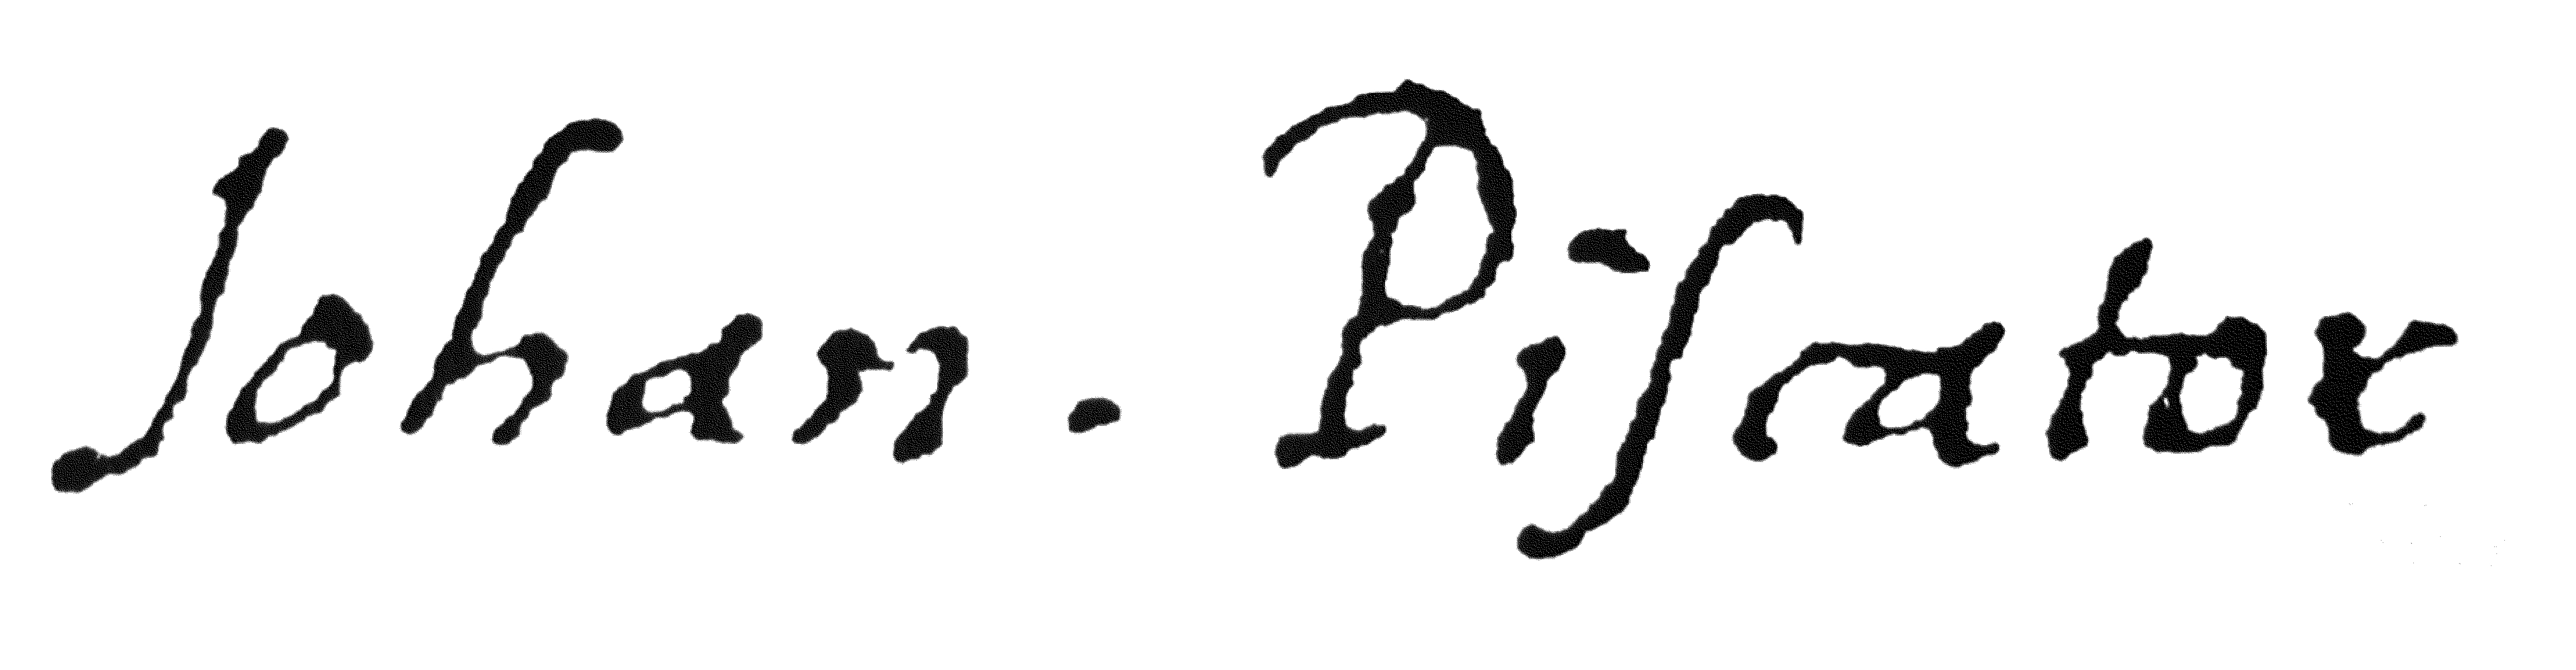 Piscator Signatur